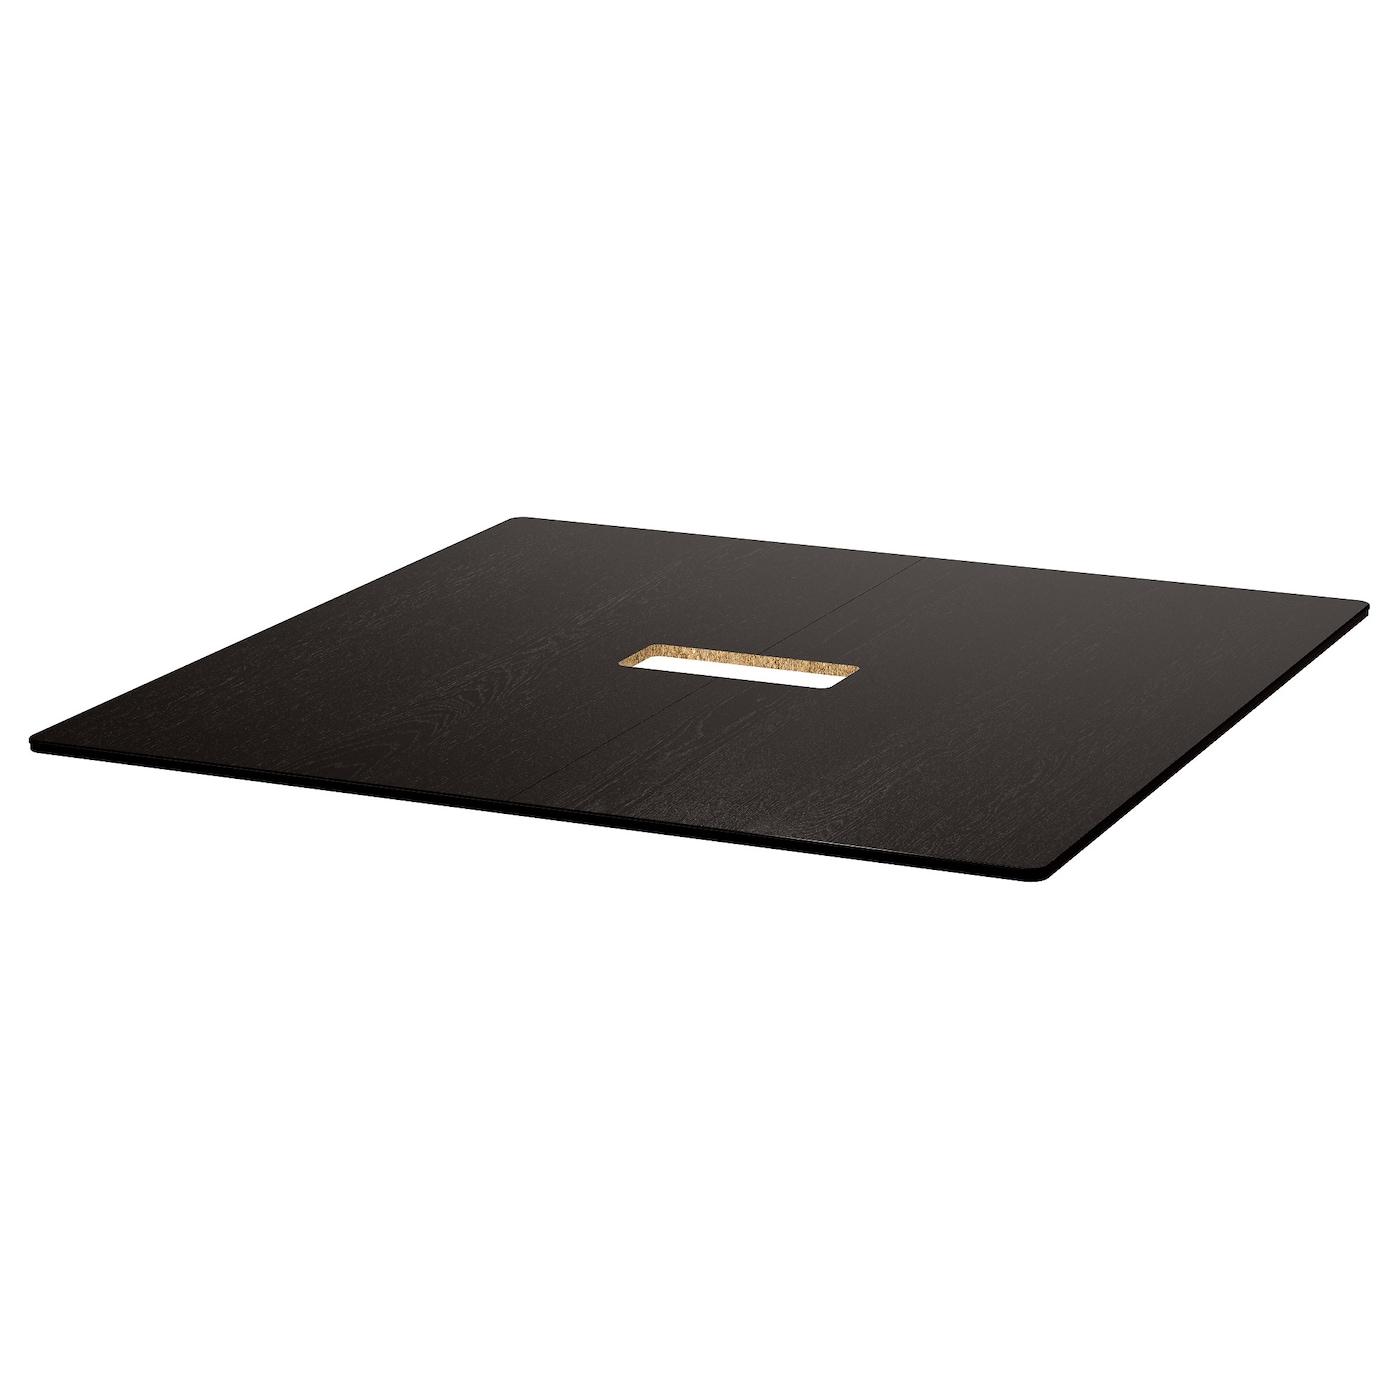 BEKANT, Tischplatte, schwarzbraun 302.528.88